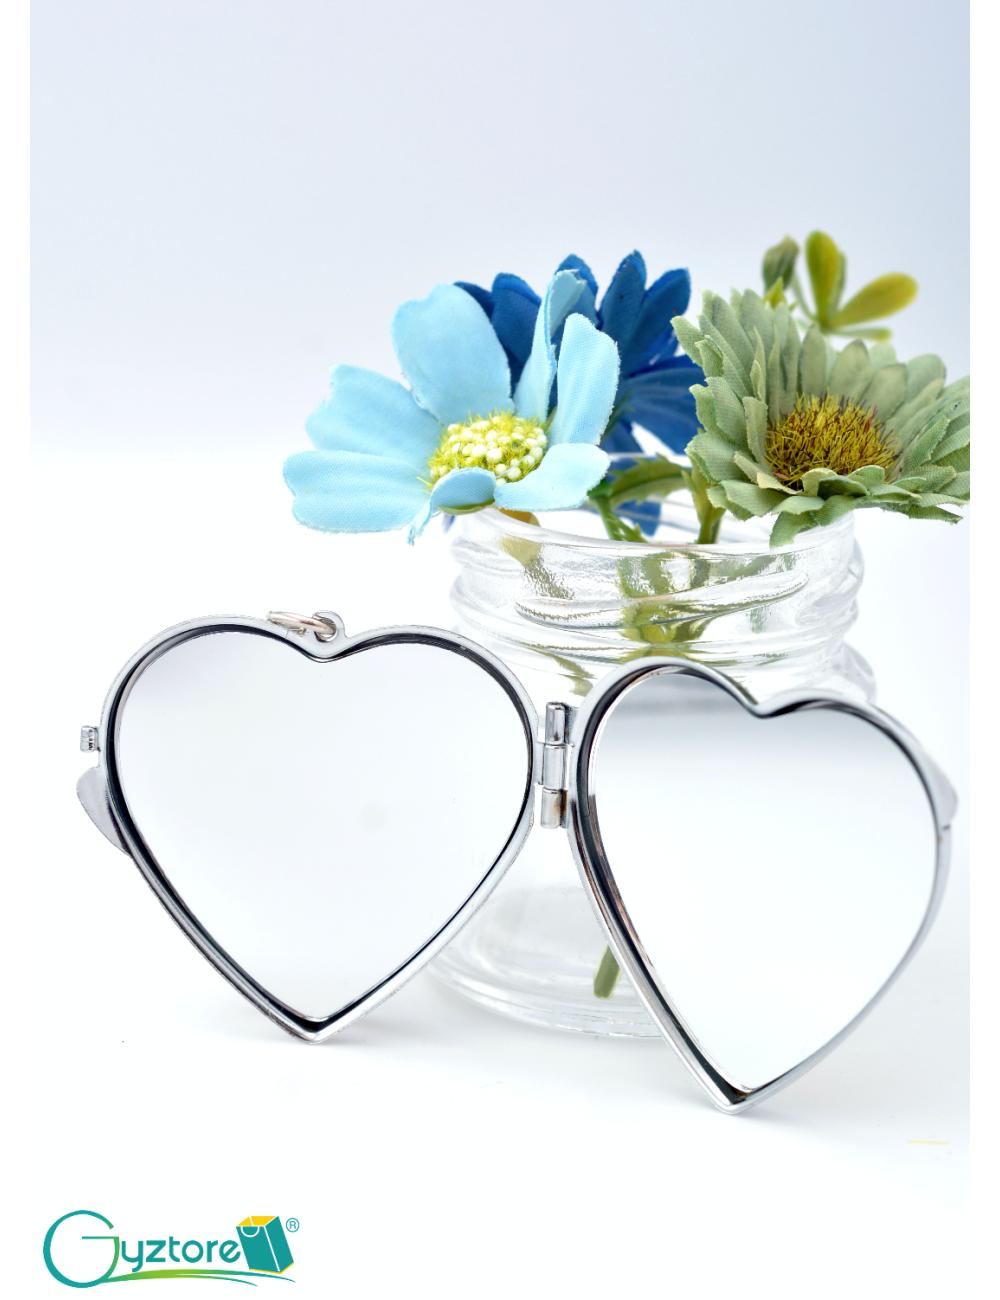 Llavero con espejo personalizable